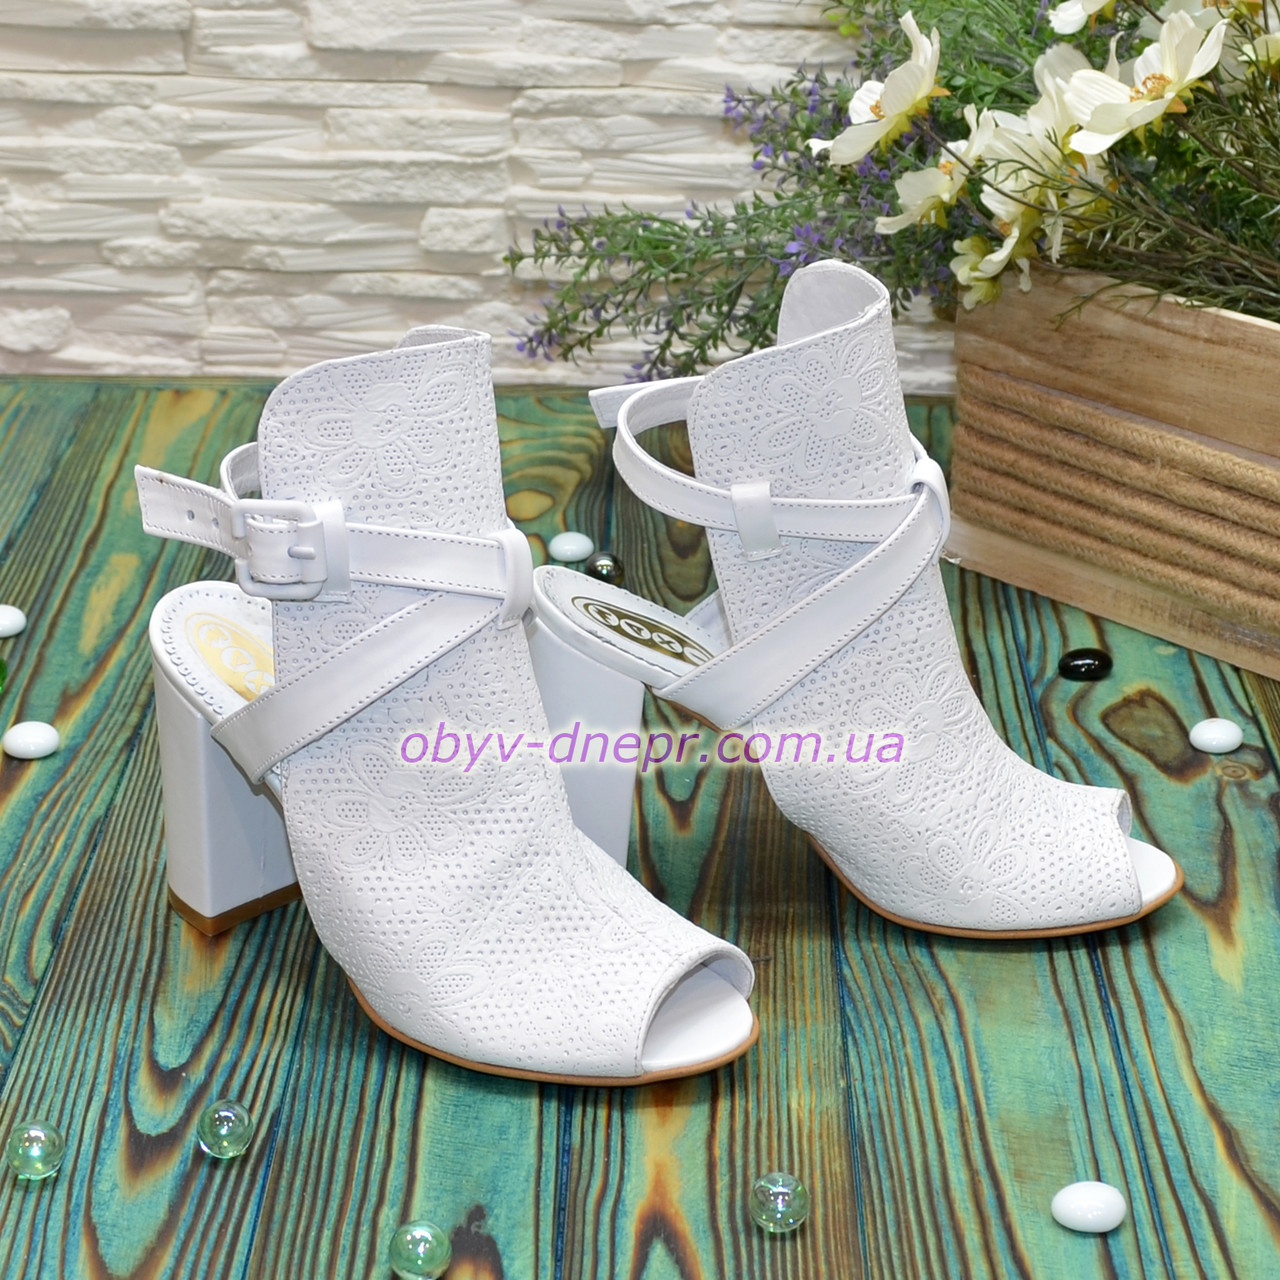 Босоножки белые женские кожаные на устойчивом каблуке. В наличии  размер 37